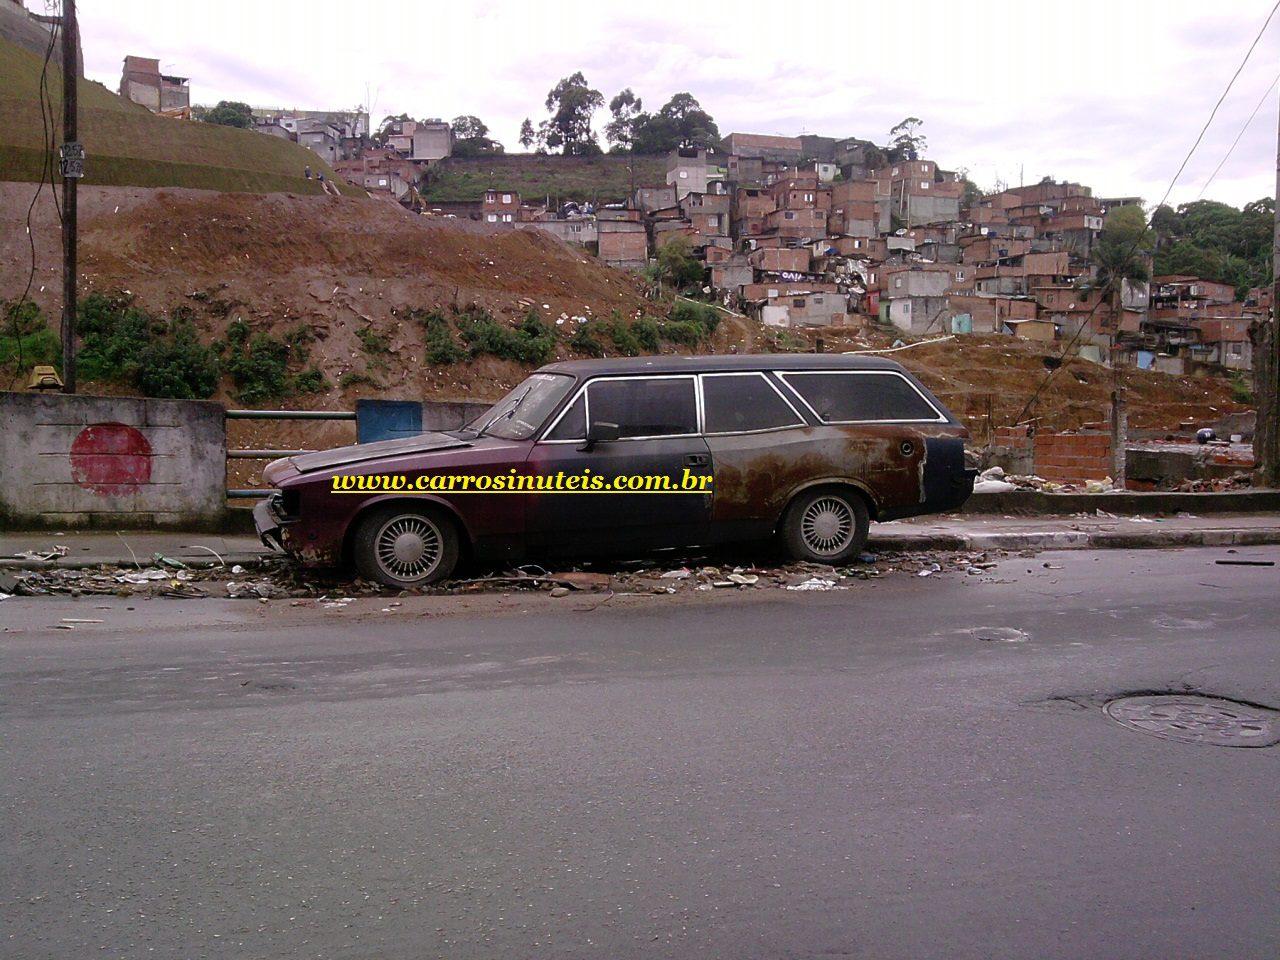 danilo_caravan_diadema Chevrolet Caravan